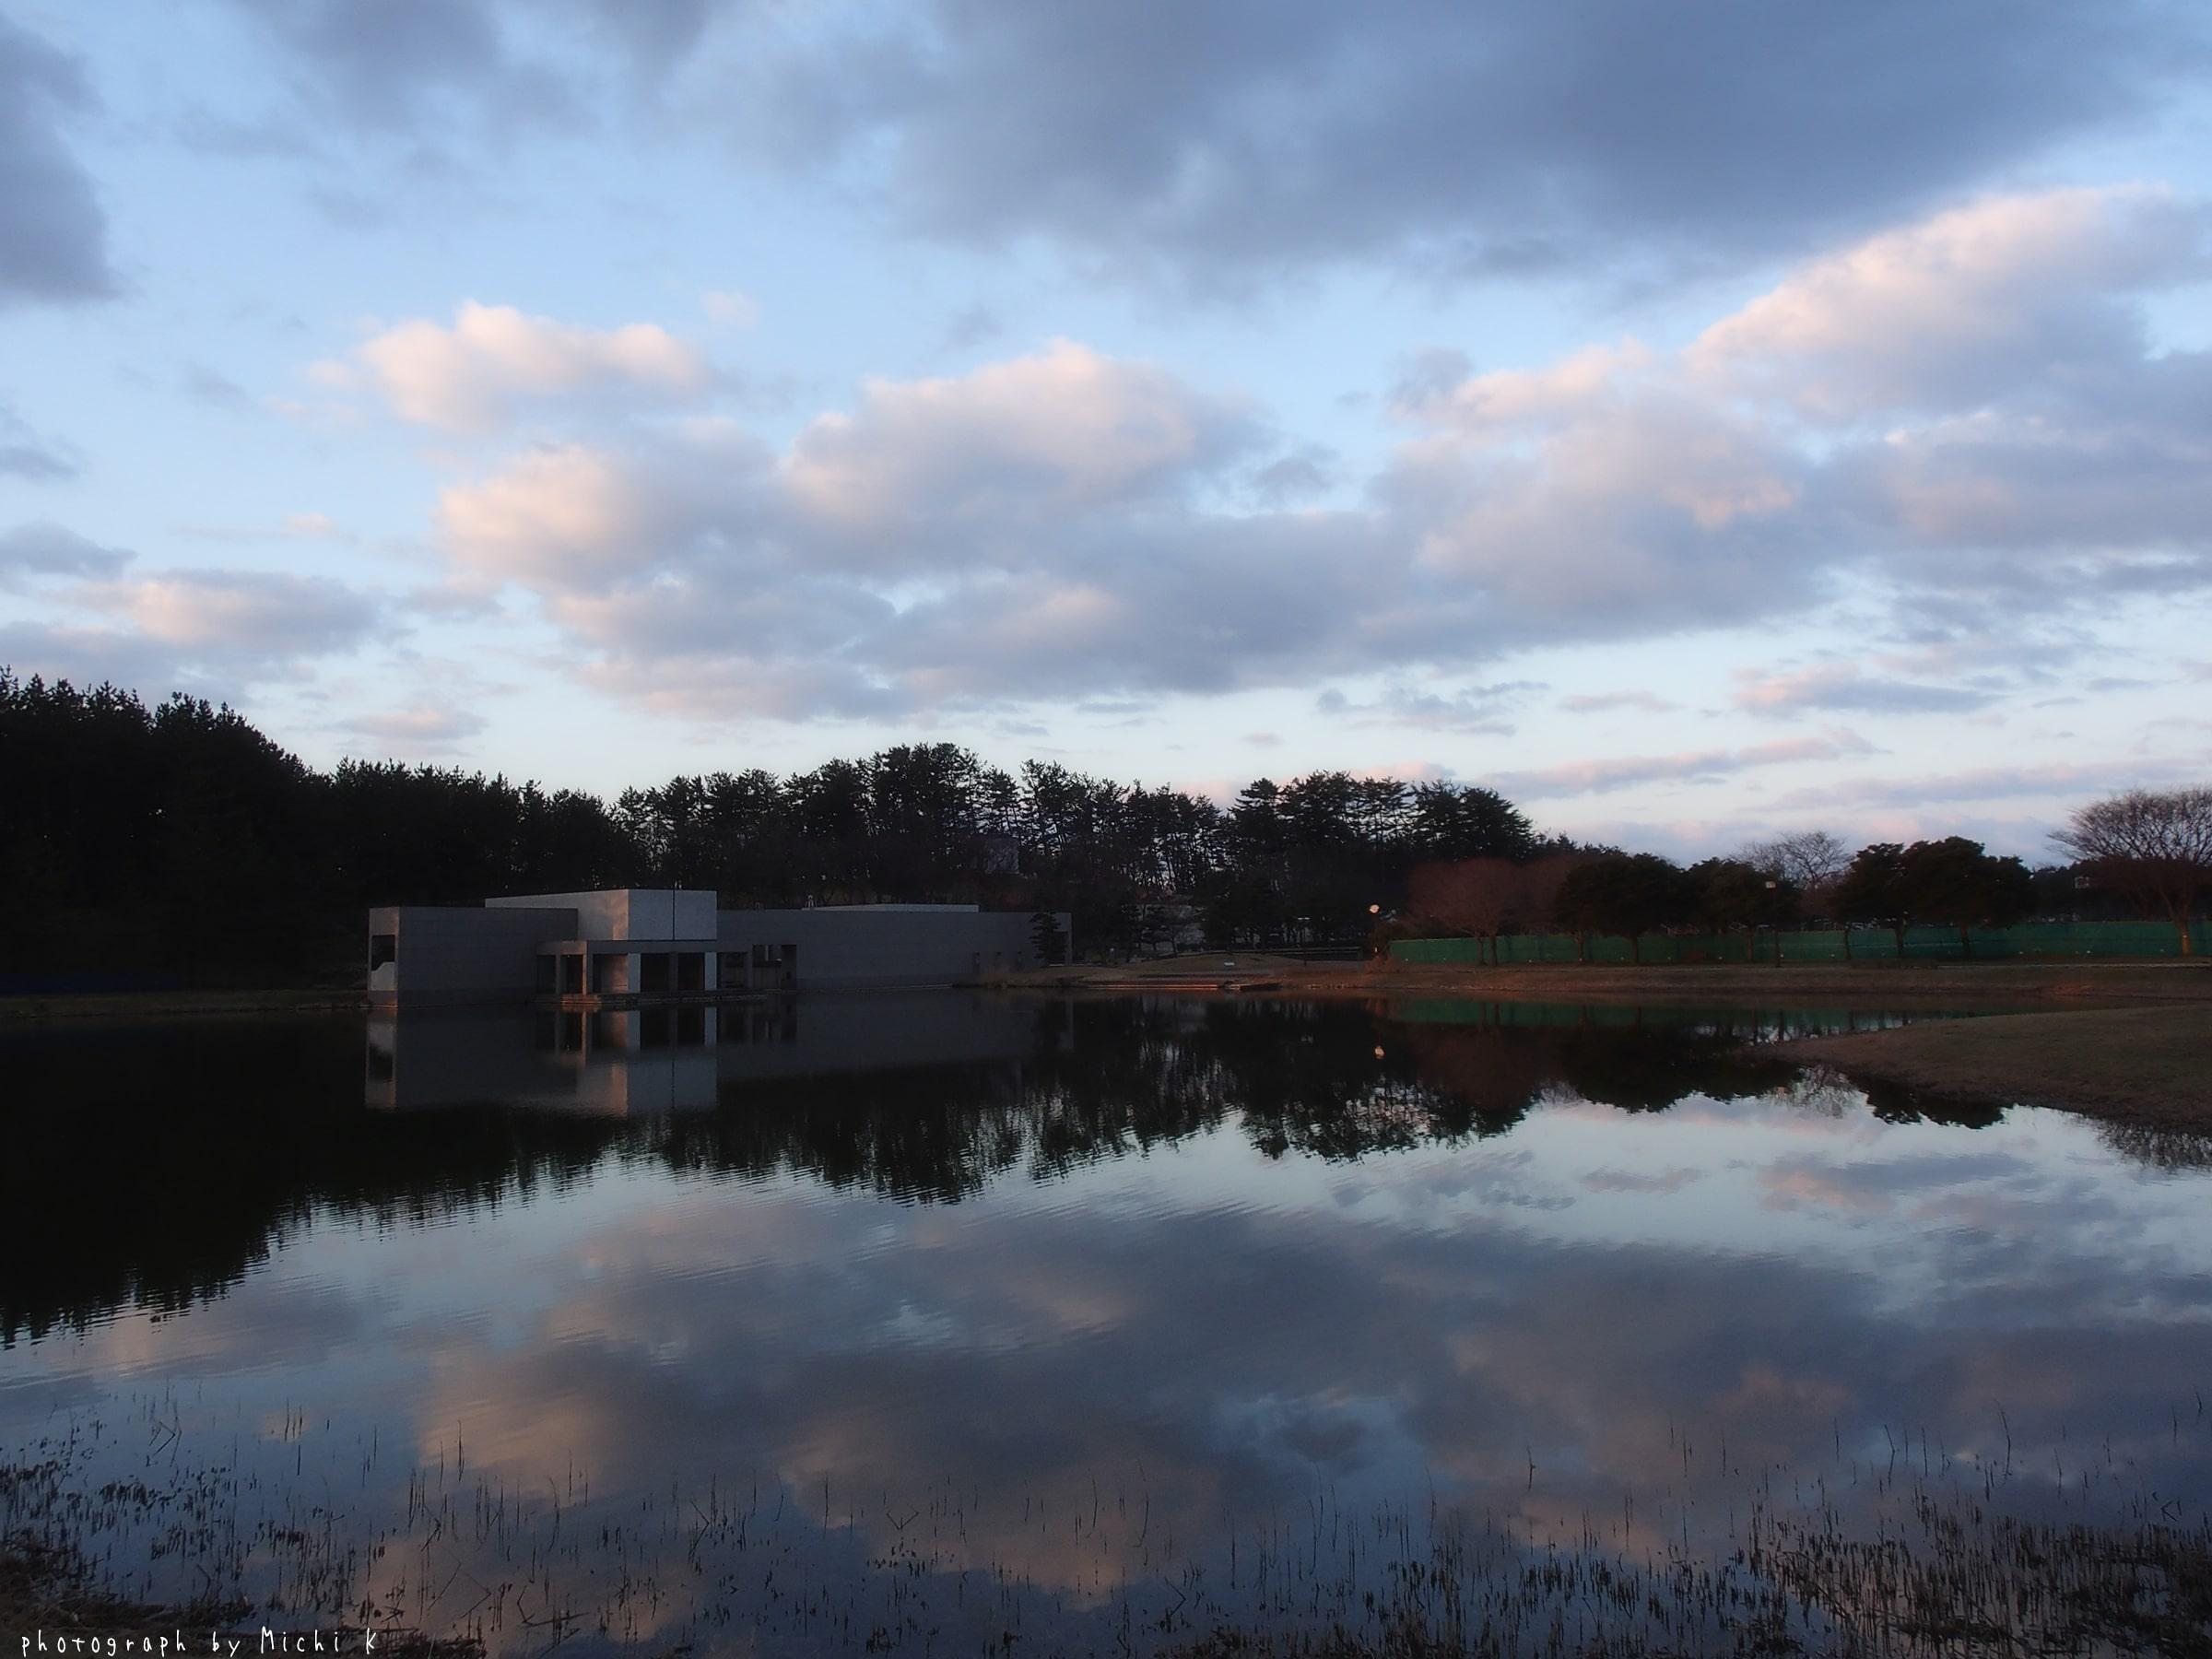 土門拳記念館にて2019-3-9朝(写真その5)